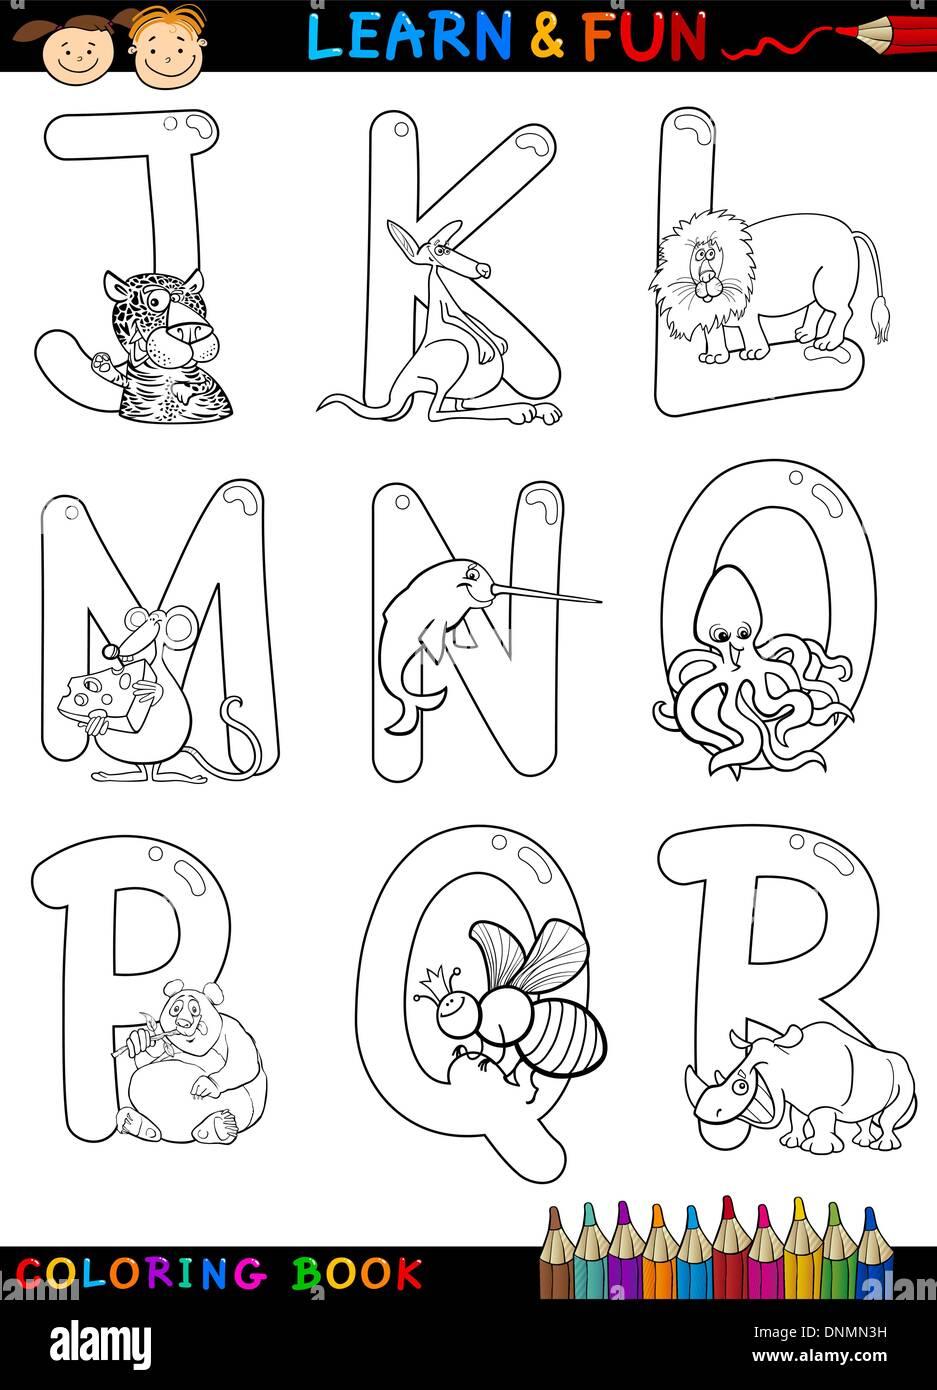 Jeux Coloriage Alphabet.Livre De Coloriage Alphabet Dessin Anime Ou D Un Jeu De Pages Avec